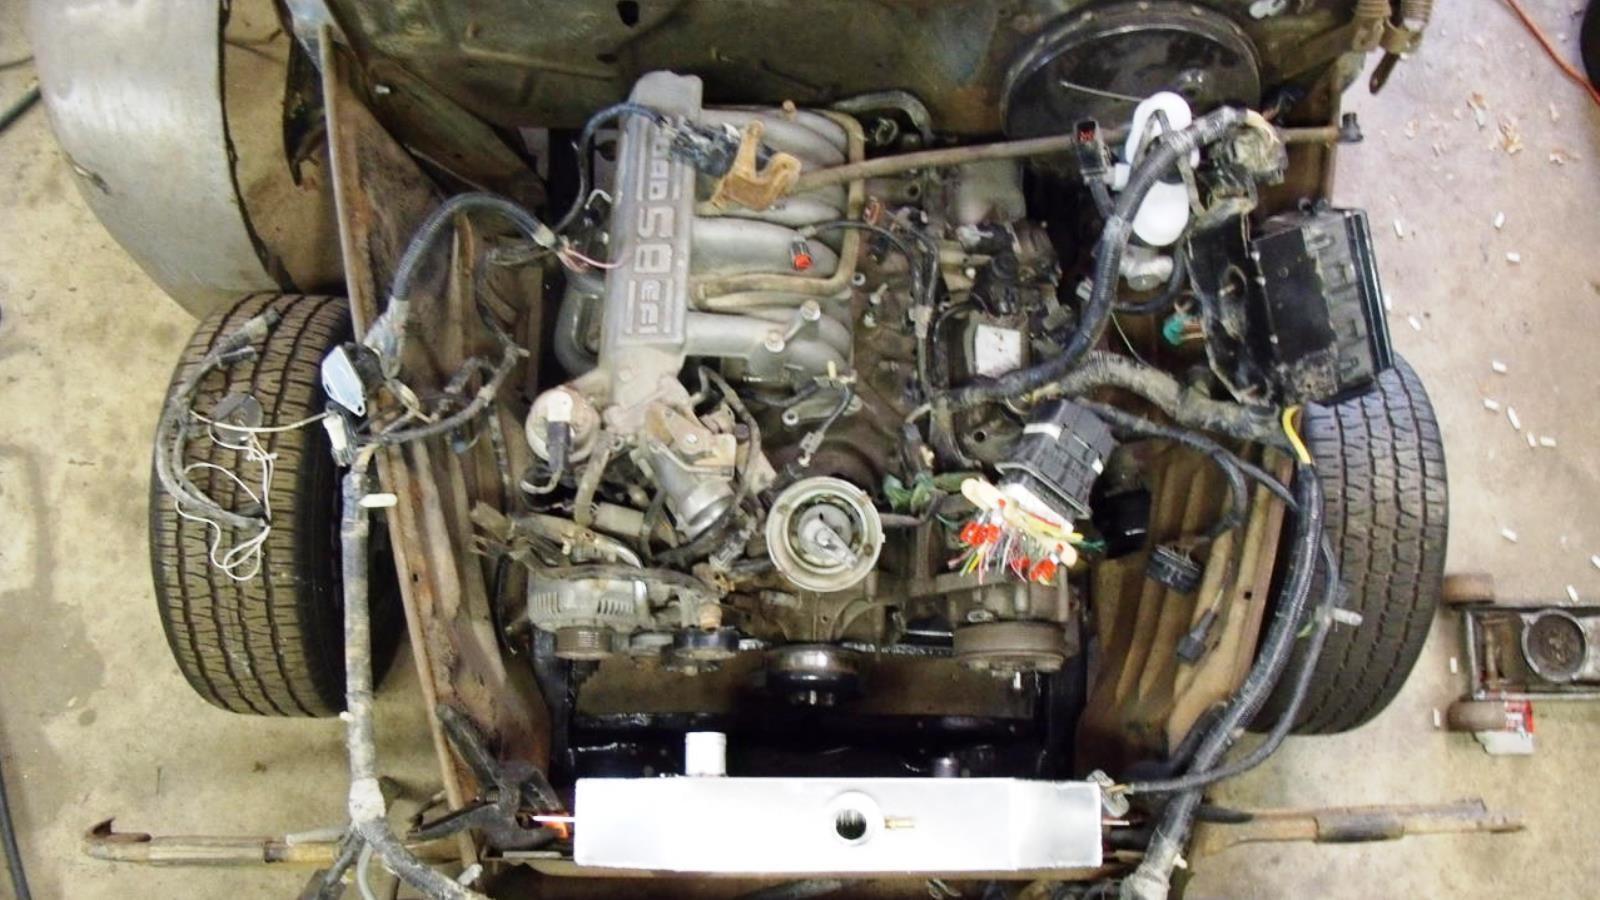 4. Ford 5.8 Liter V-8